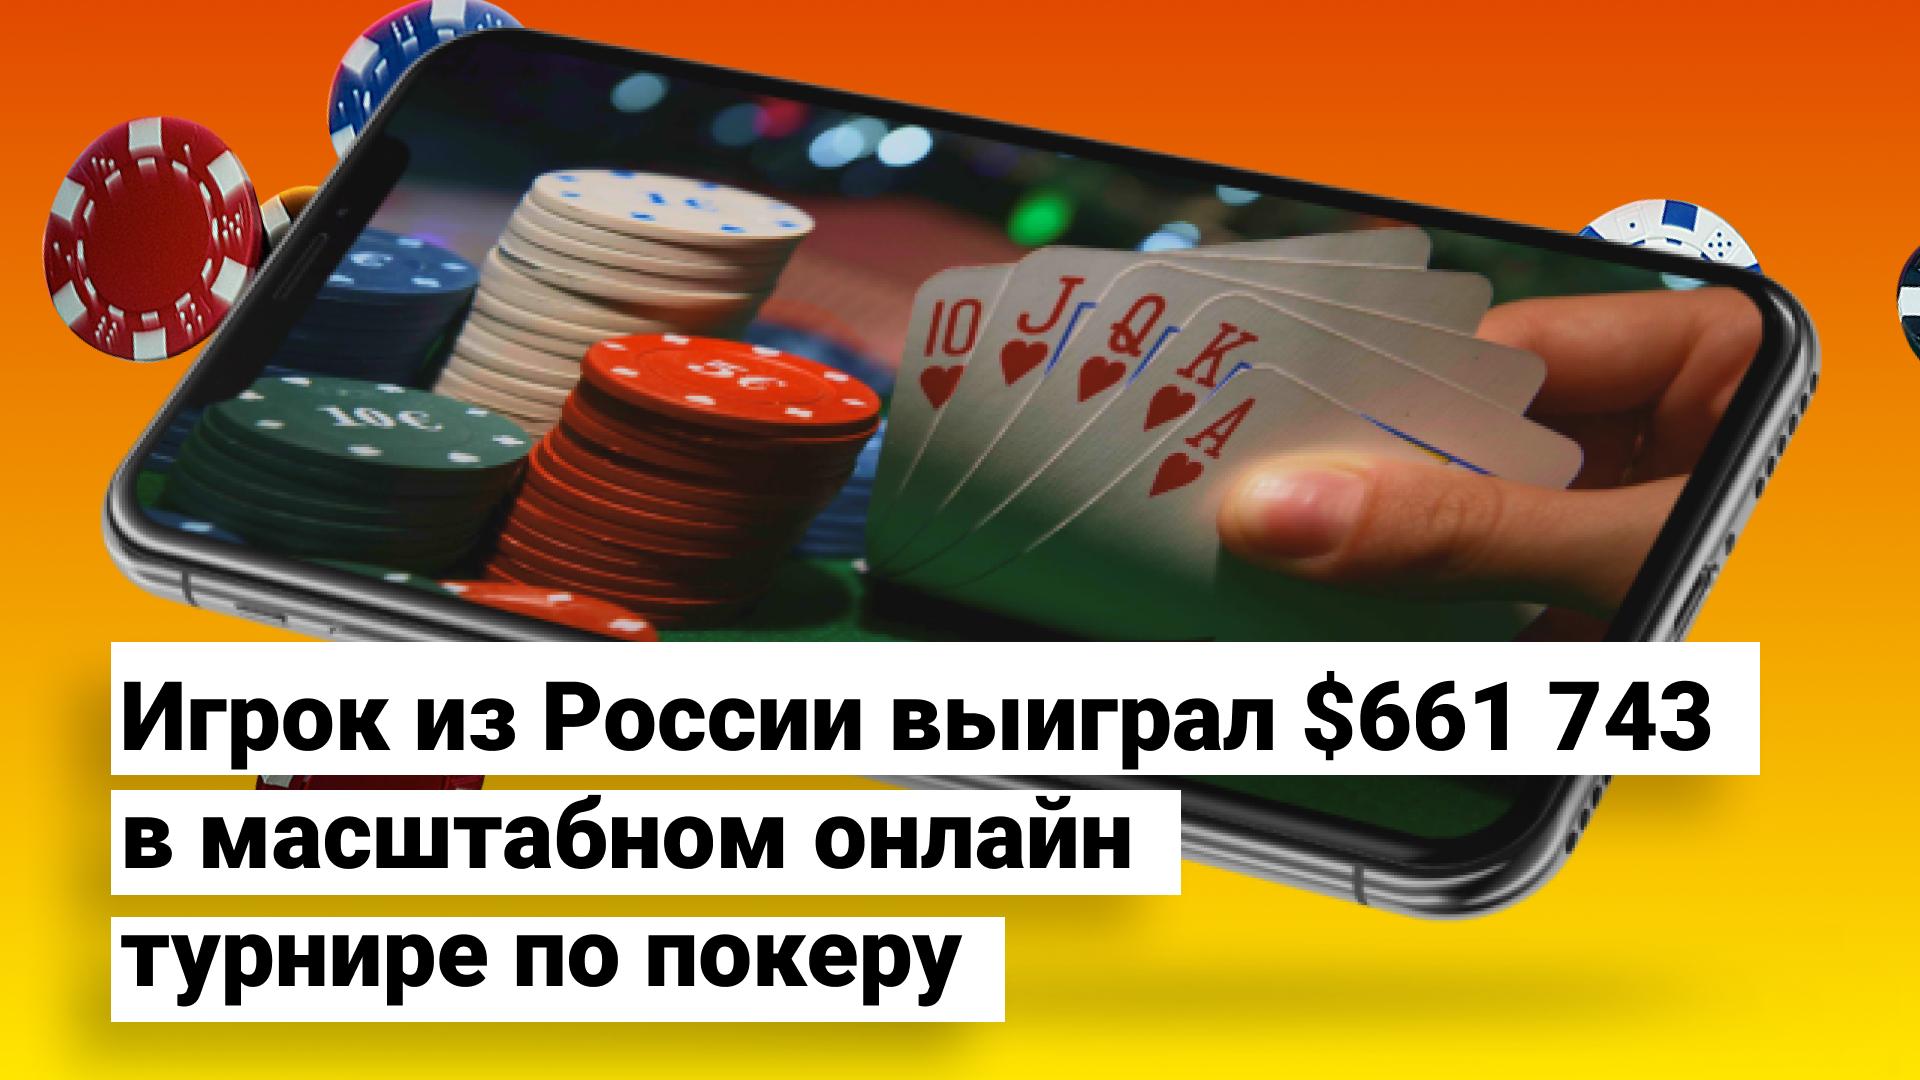 Русский игрок выиграл 661 тыс. долларов в международном покерном турнире